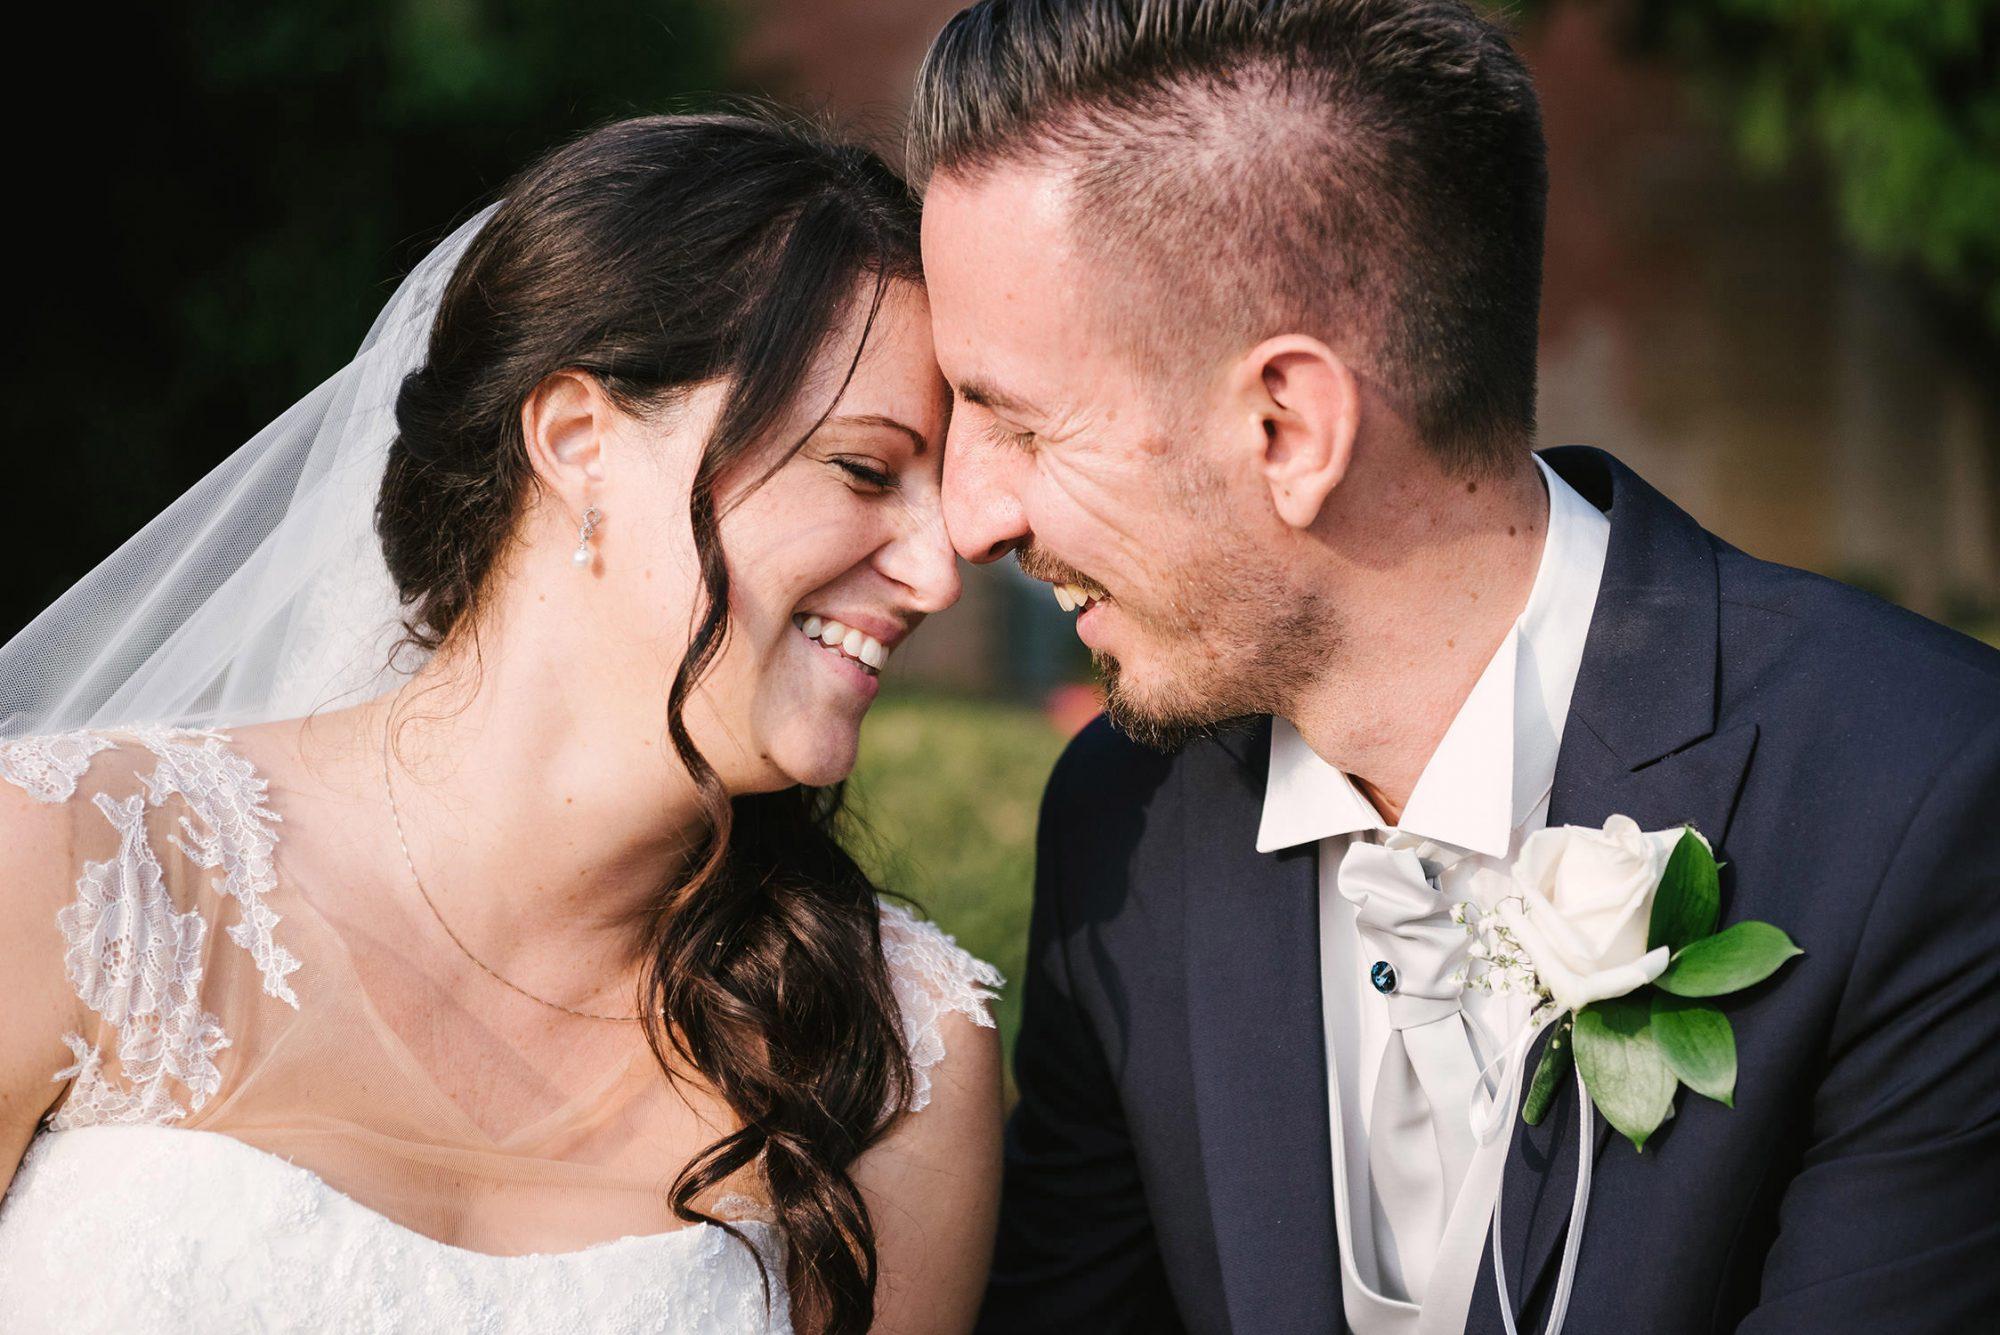 fotografo-matrimonio-donna-Padova-treviso-vicenza-italia-Servizio famigliafotografo-matrimonio-donna-verona-matrimonio castello bevilacqua